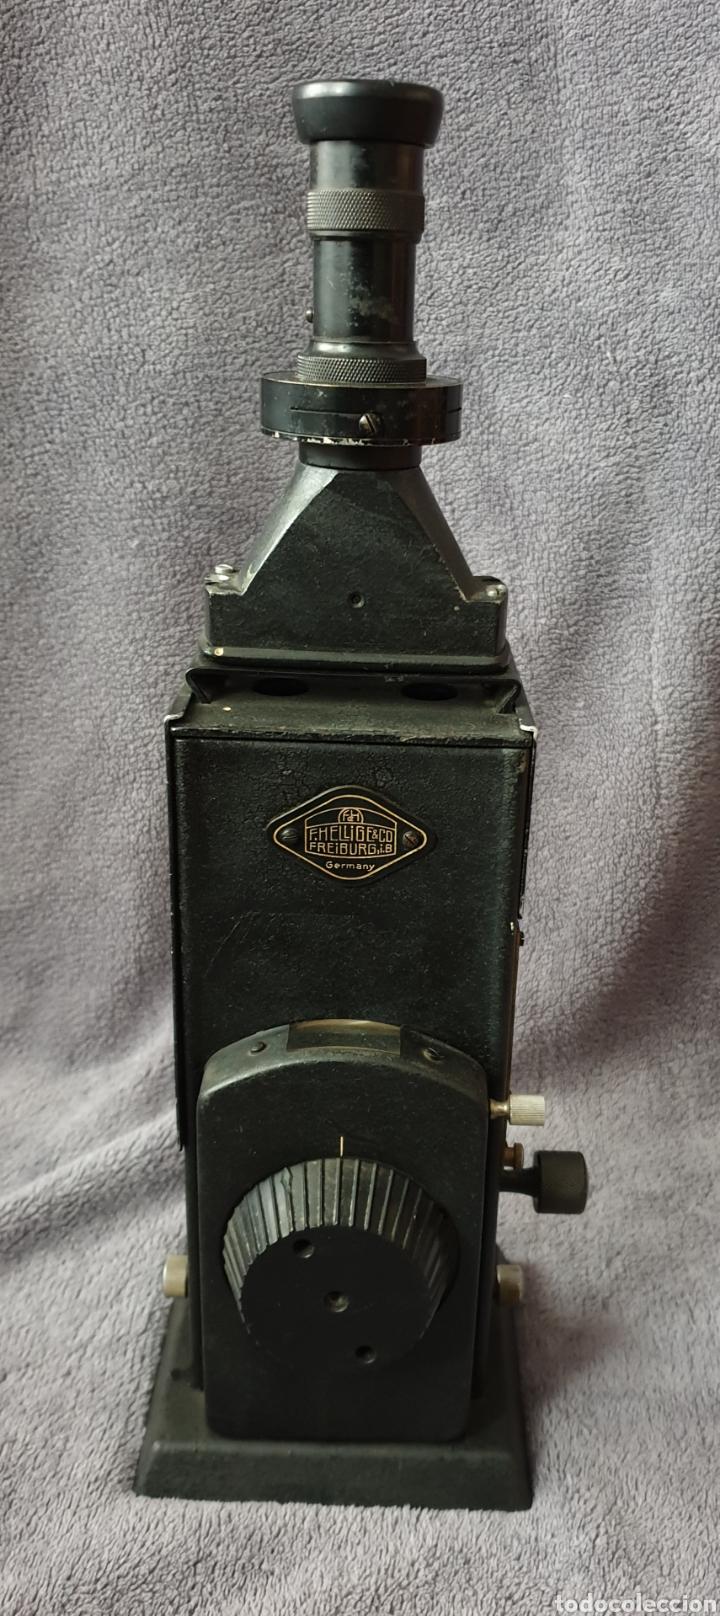 COLORIMETRO ANTIGUO F.HELLIGE & CO. (Antigüedades - Técnicas - Otros Instrumentos Ópticos Antiguos)